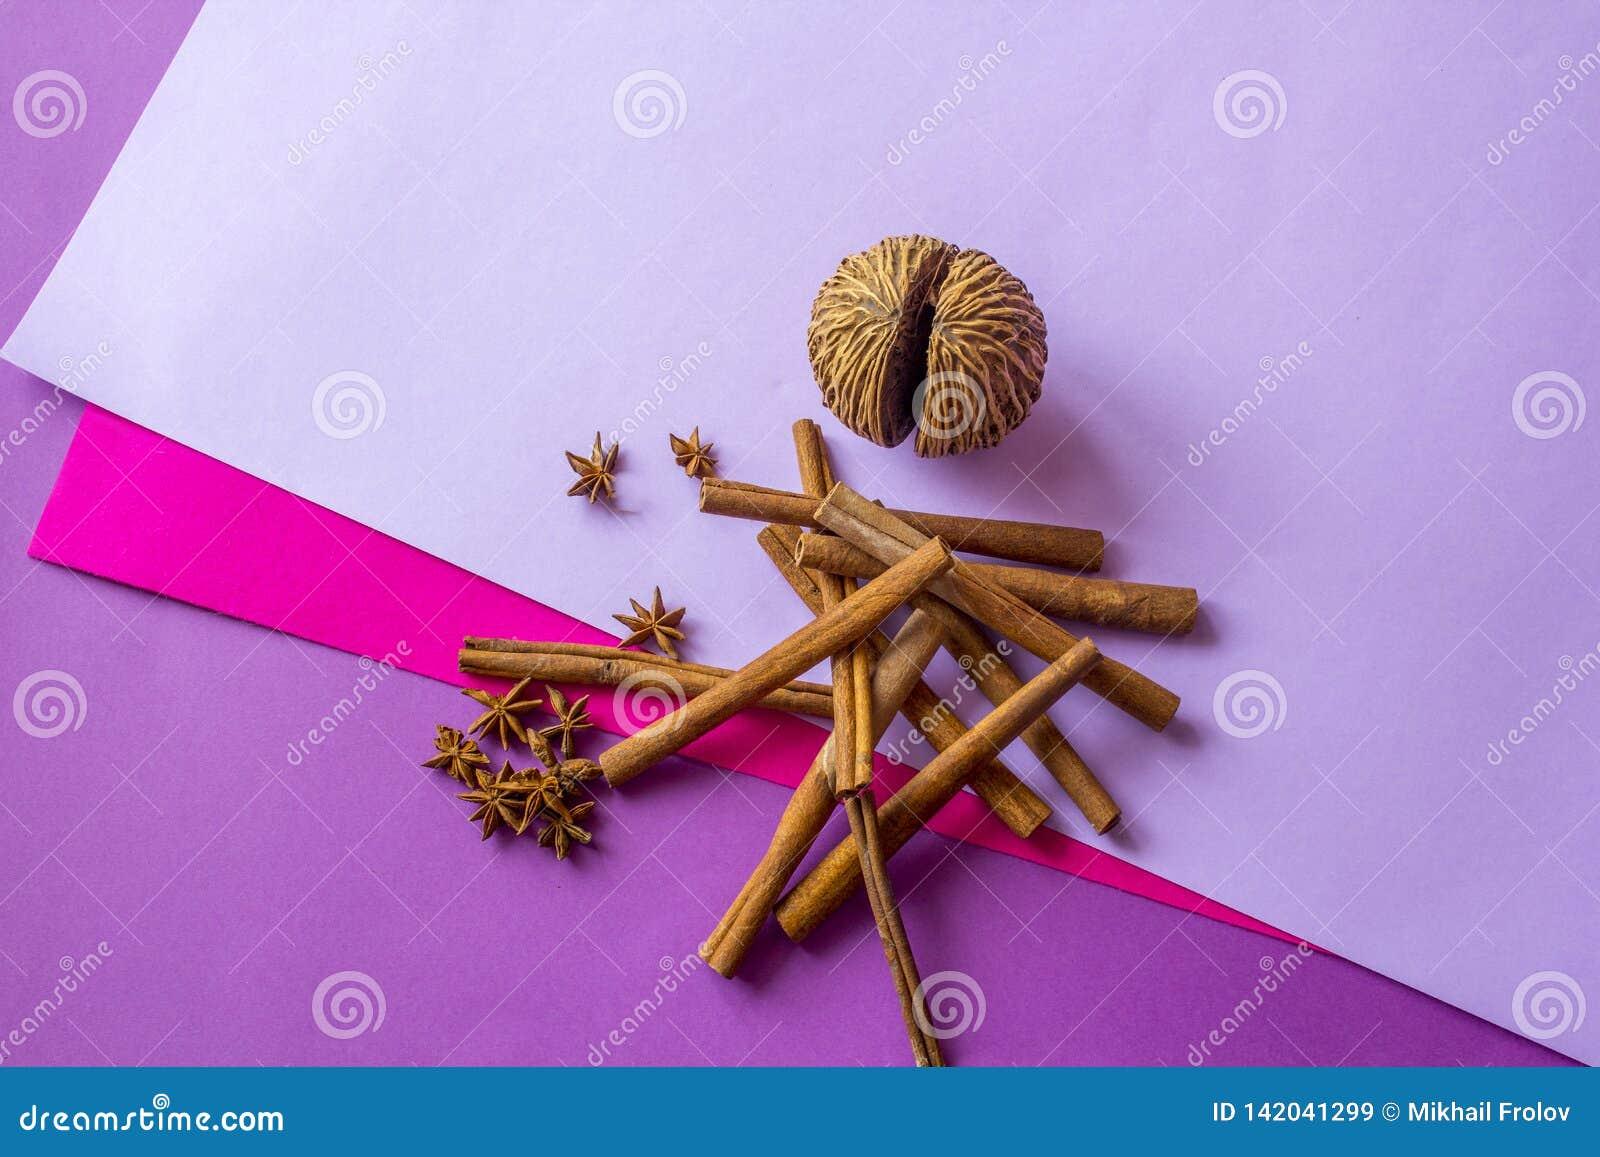 Ainda vida do coco, de varas de canela artificiais e das estrelas do anis encontrando-se no fundo colorido